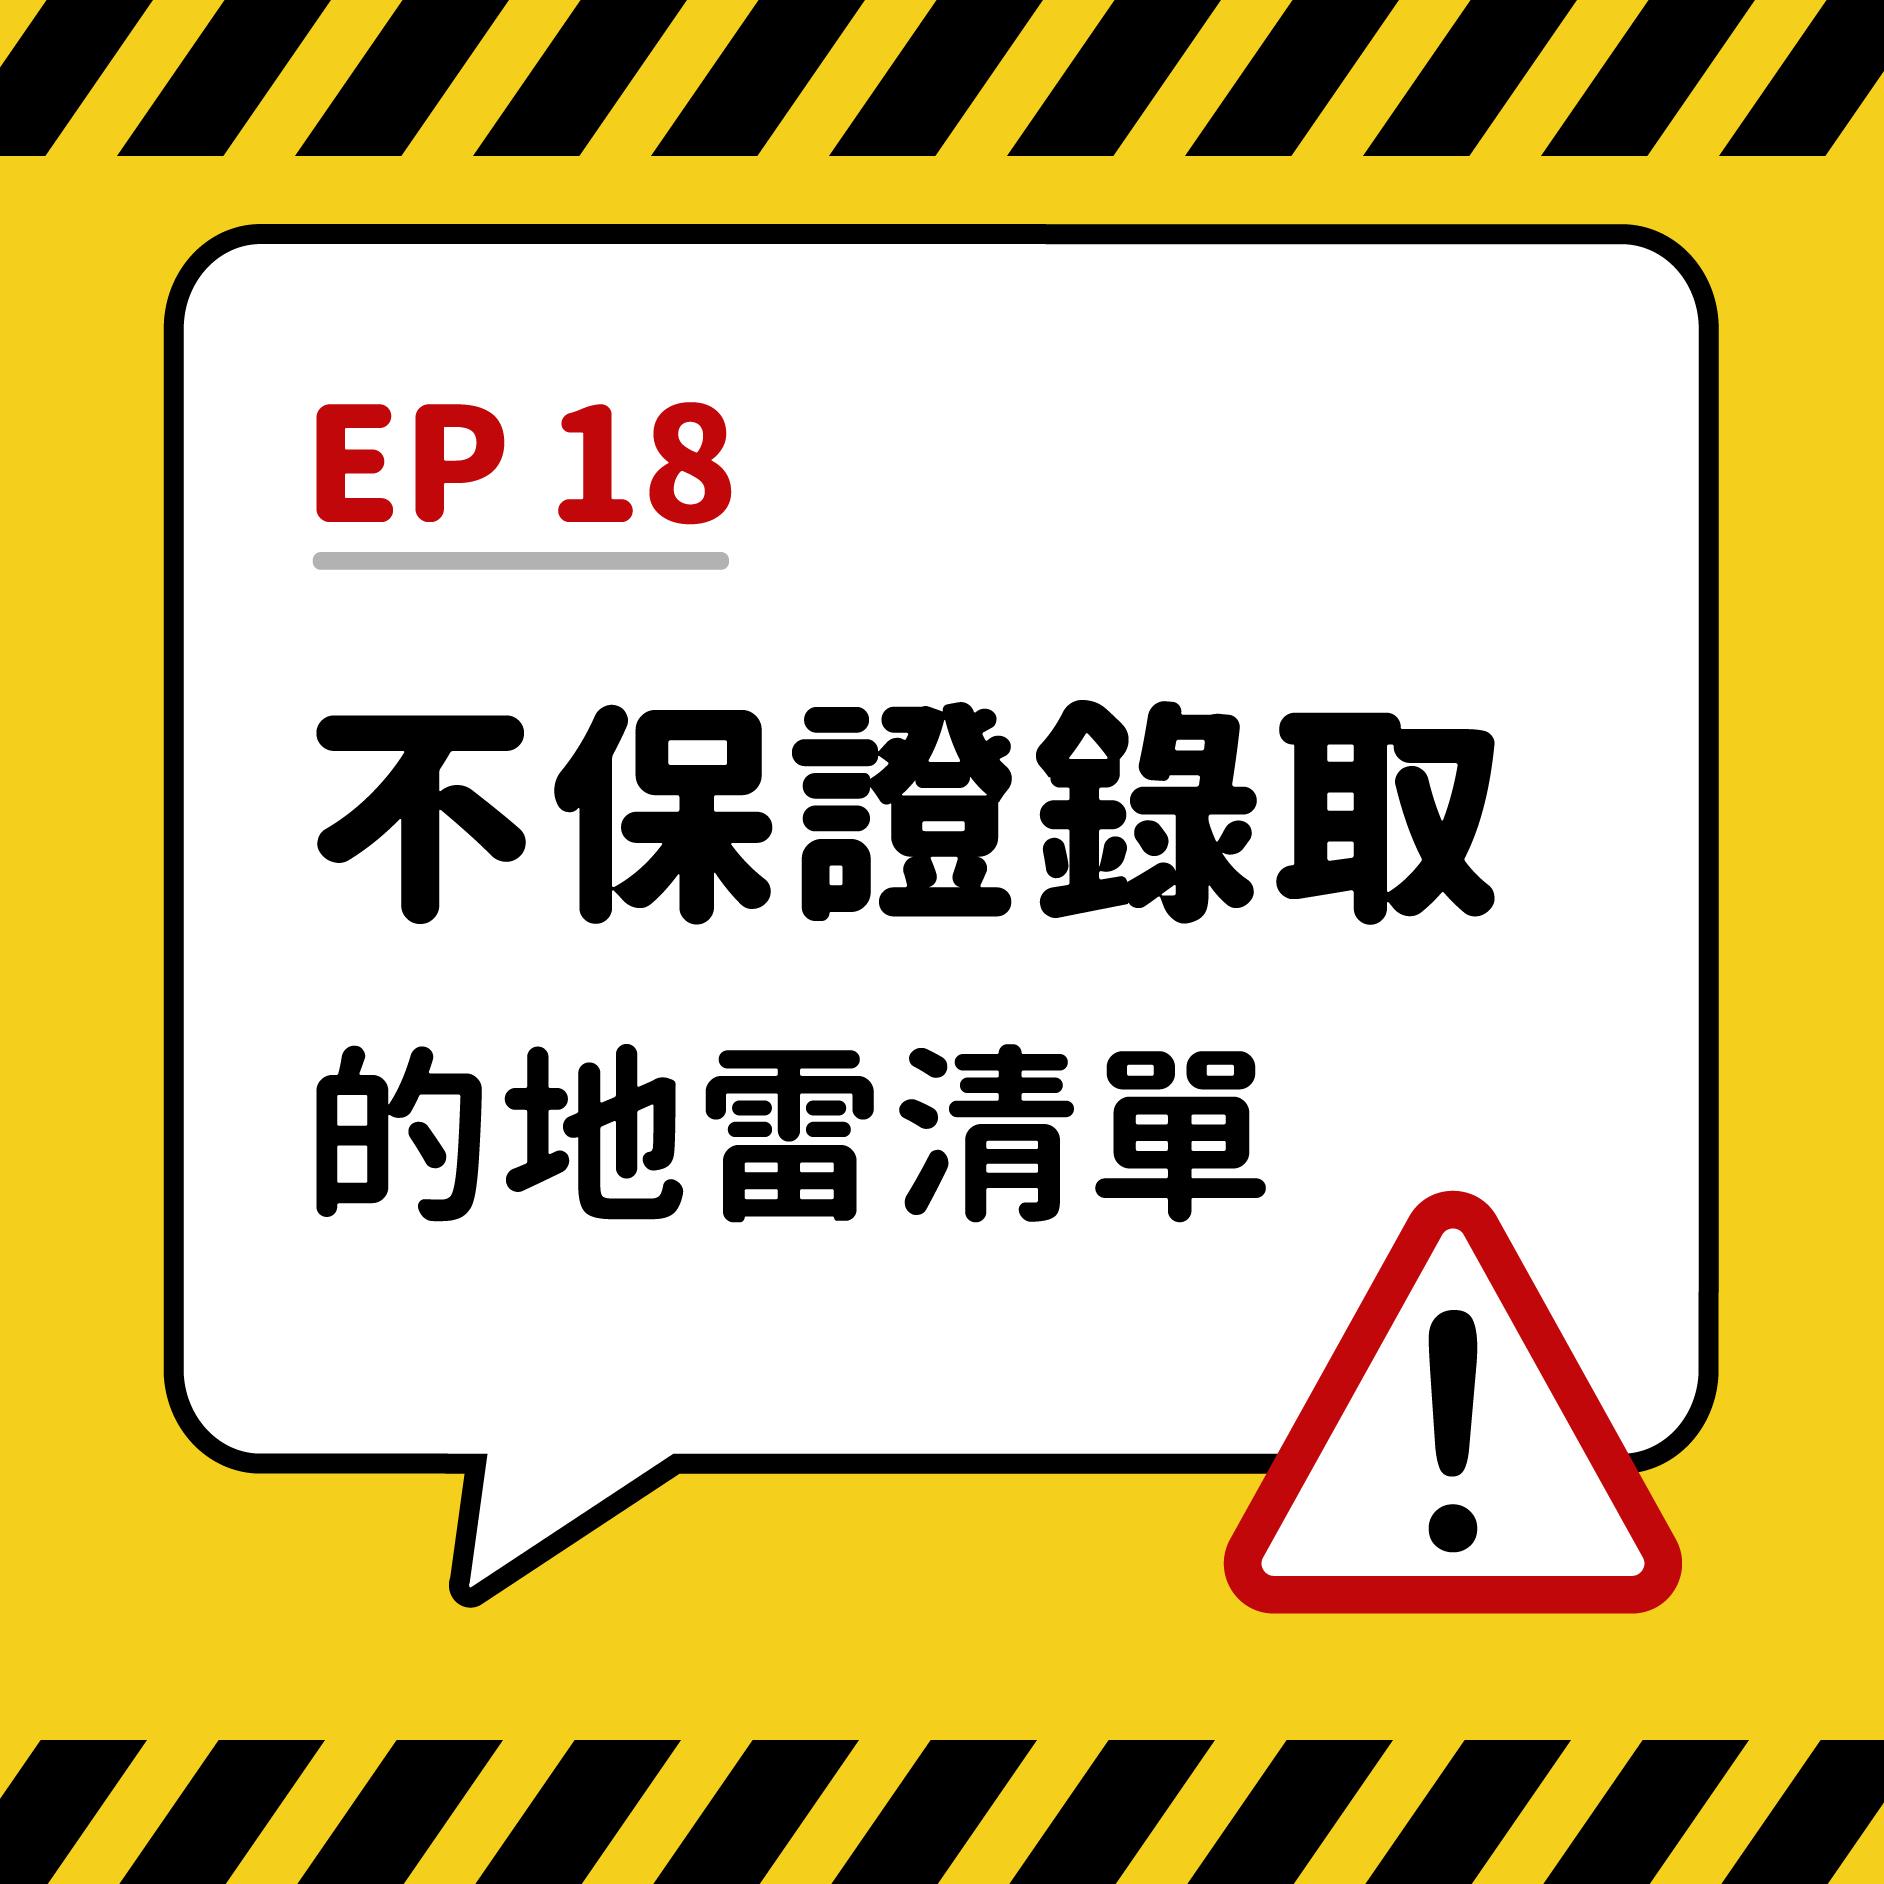 EP 18| 不保證錄取的作品集地雷清單